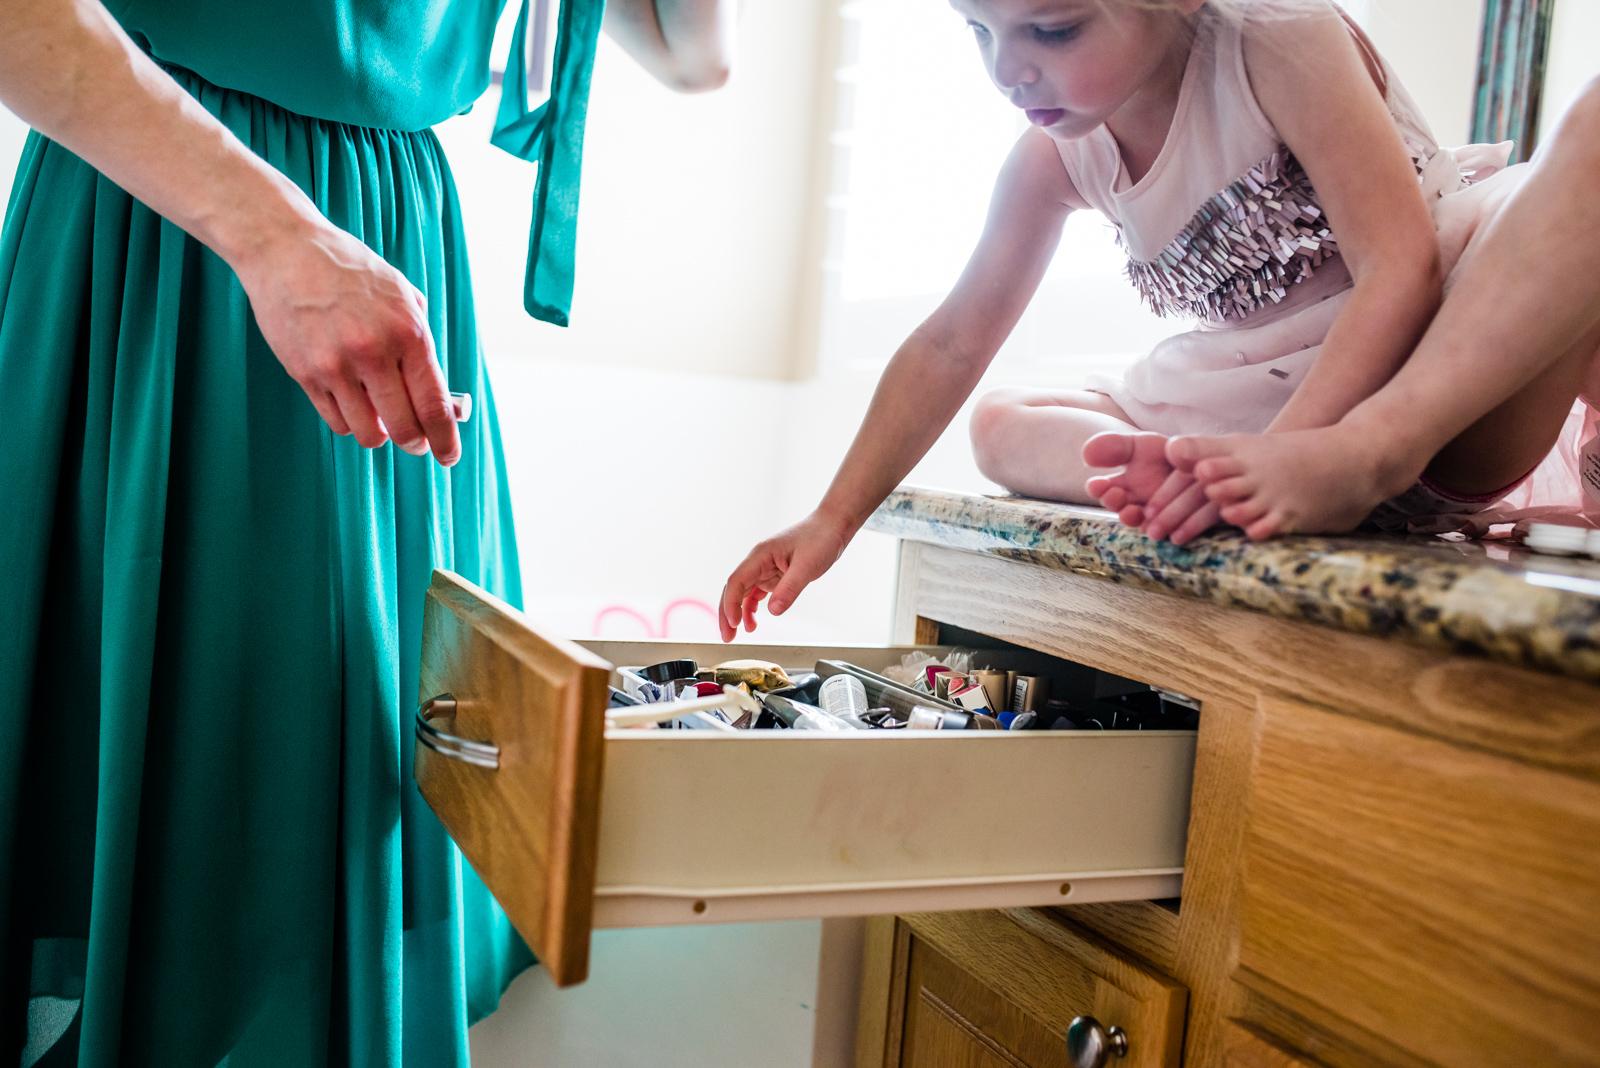 Karen and girls for blog-2434.jpg